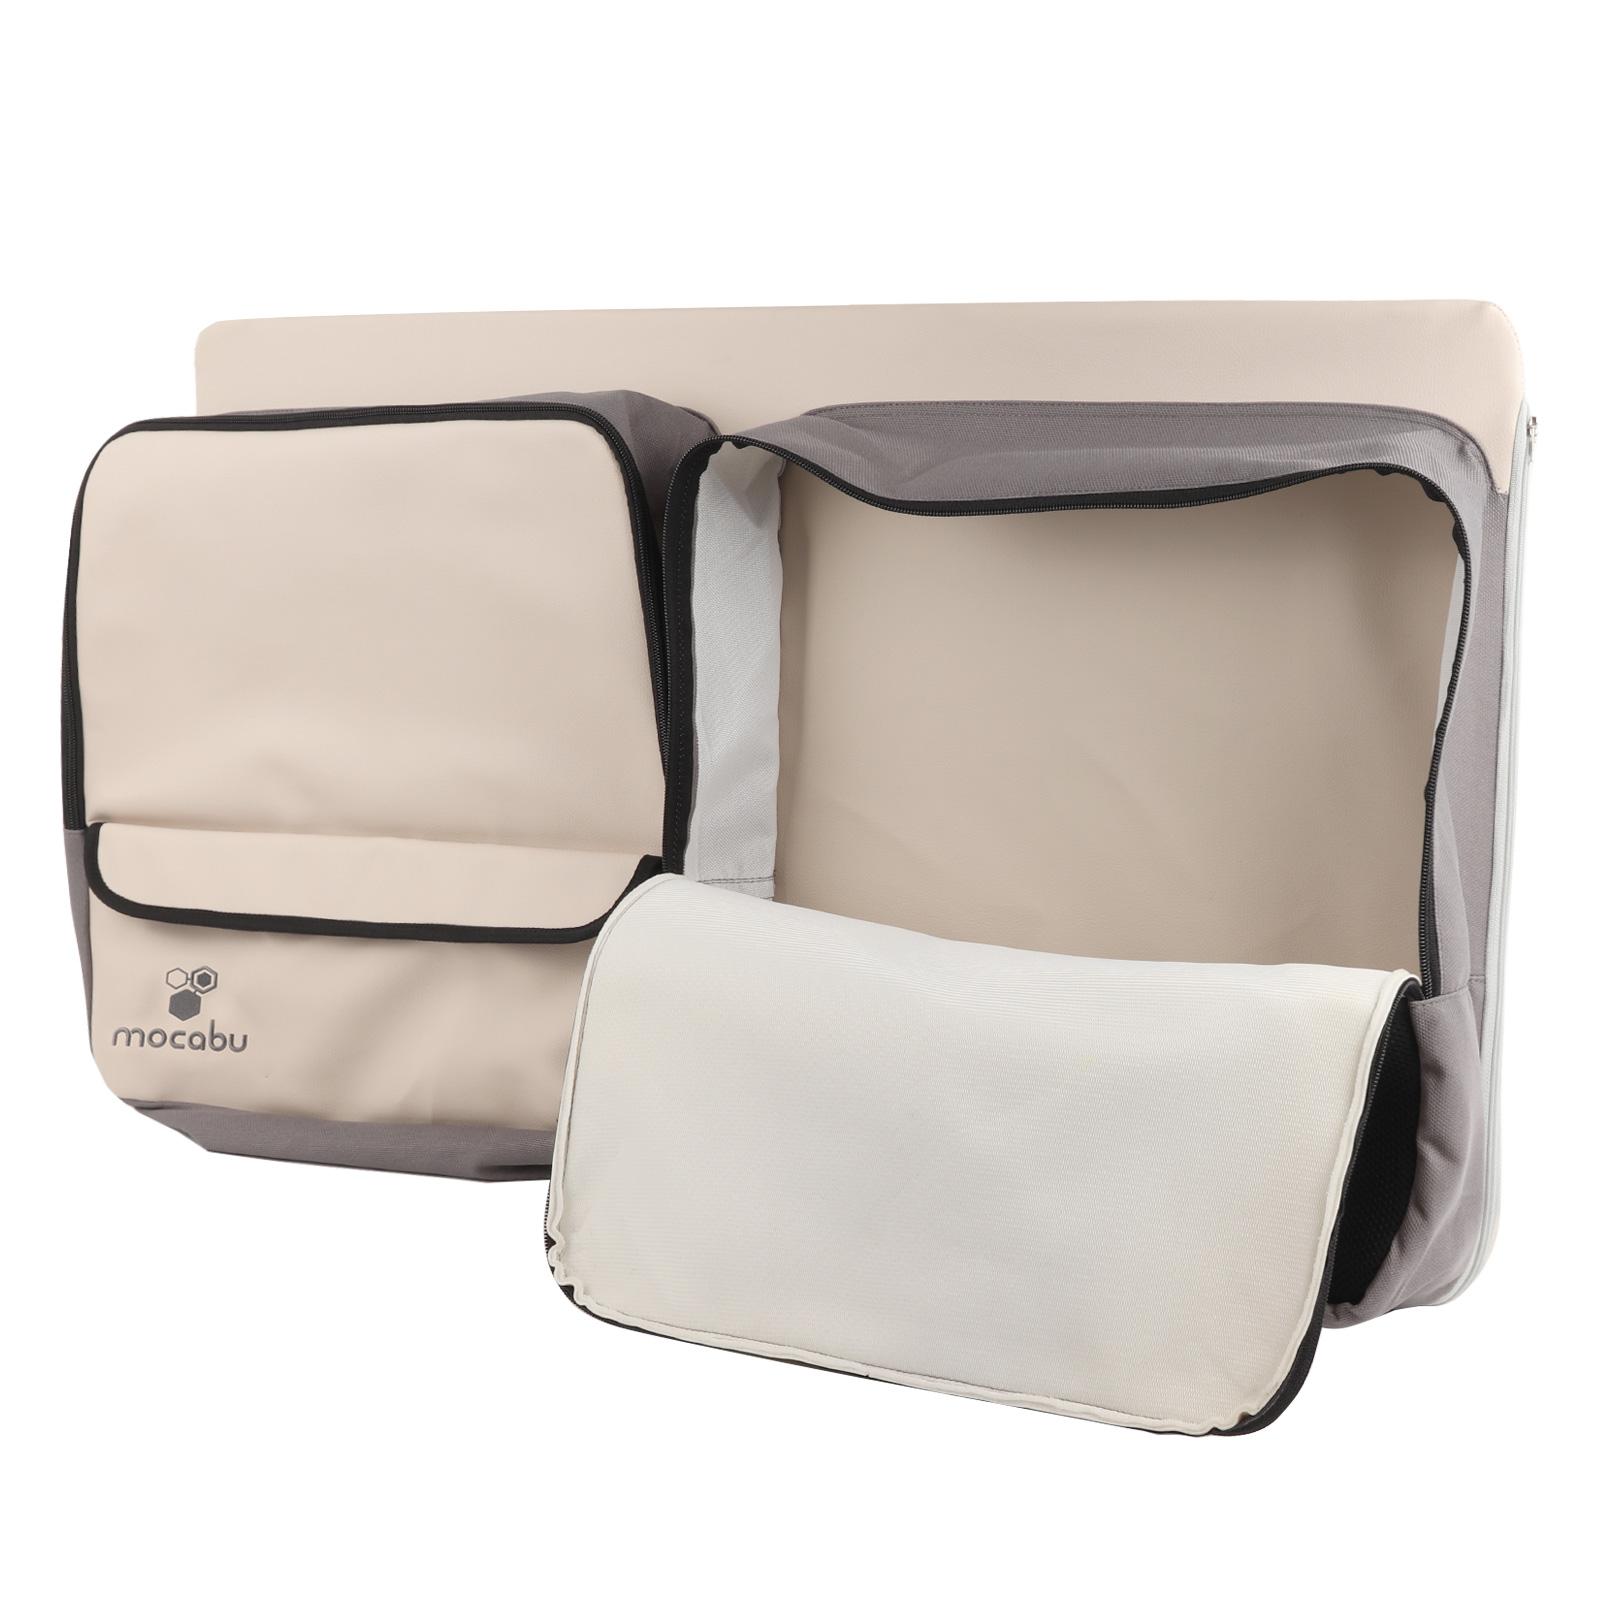 Indexbild 2 -  Fenstertasche Utensilientasche Leinenbeige passend für VW T5 T6 KR links